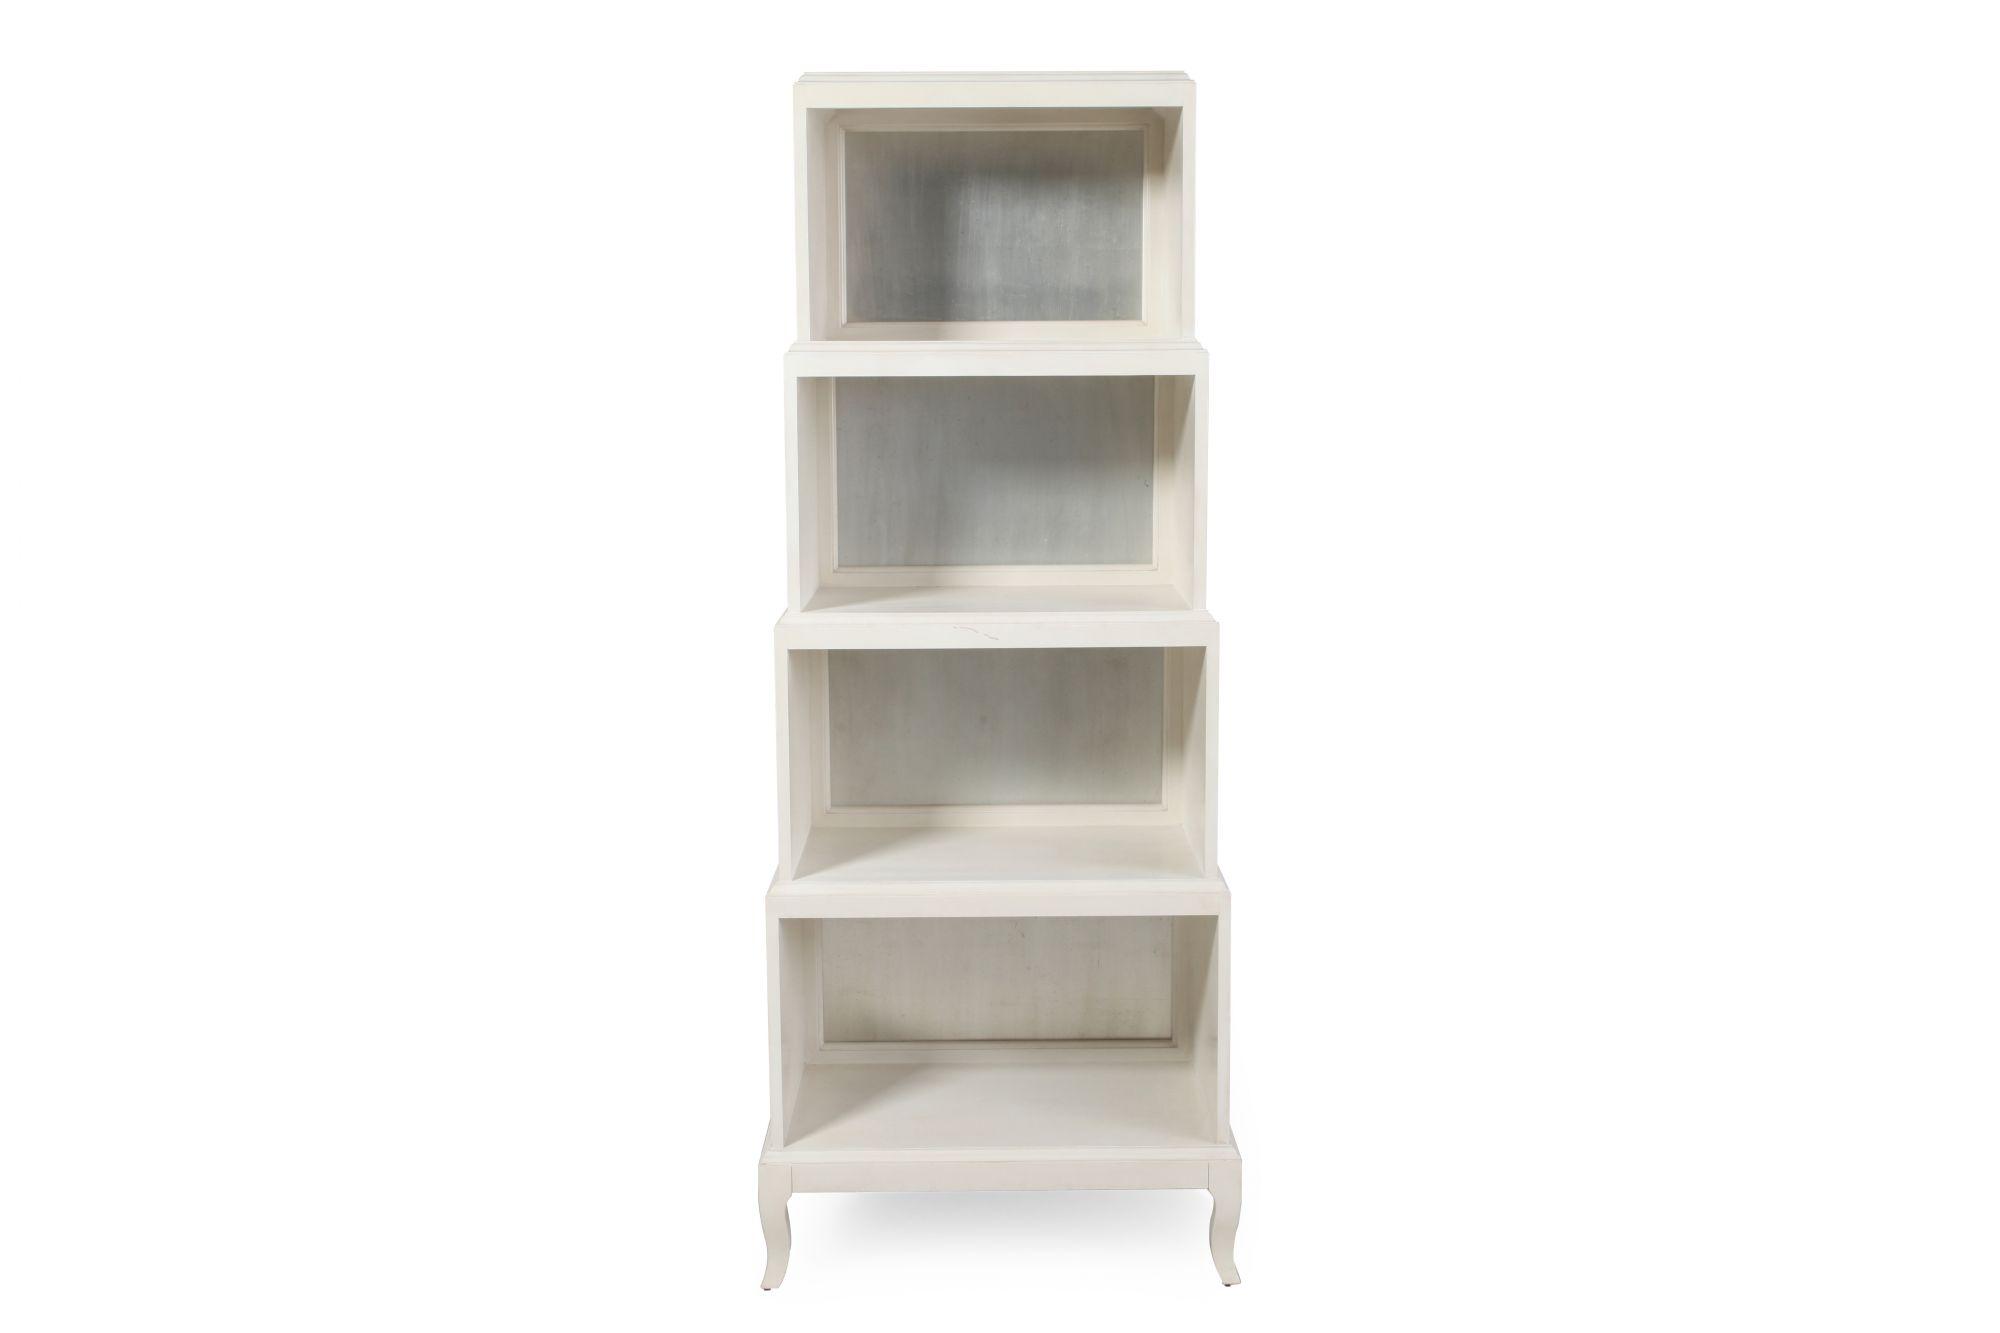 bernhardt salon etagere mathis brothers furniture. Black Bedroom Furniture Sets. Home Design Ideas